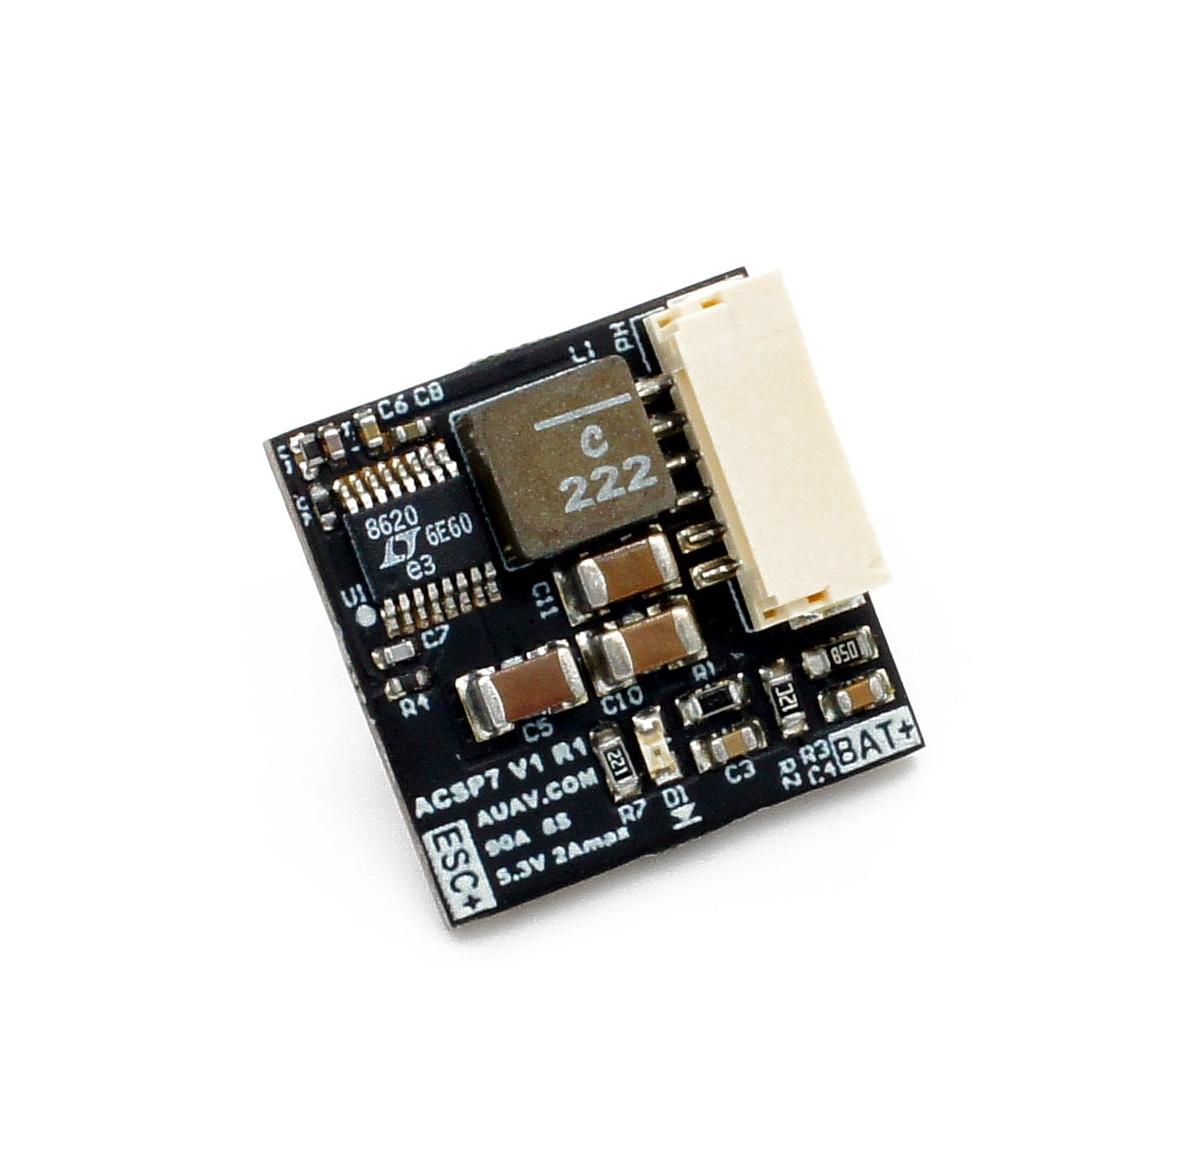 mRo Hall Sens Power module ACSP7 (Next Gen)